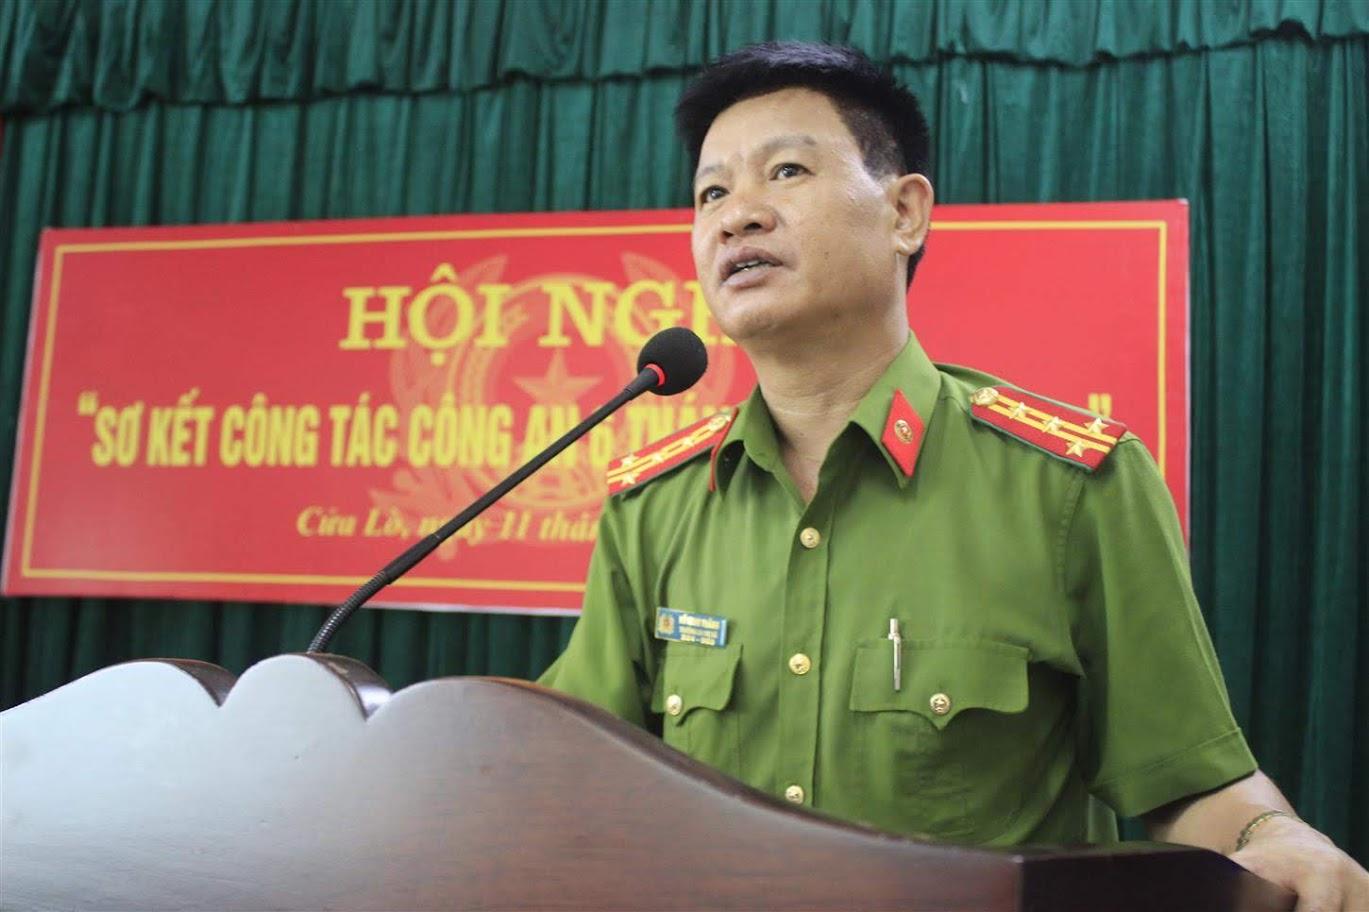 Đại tá Hồ Minh Thắng, Trưởng Công an Thị xã Cửa Lò phát biểu chỉ đạo tại Hội nghị